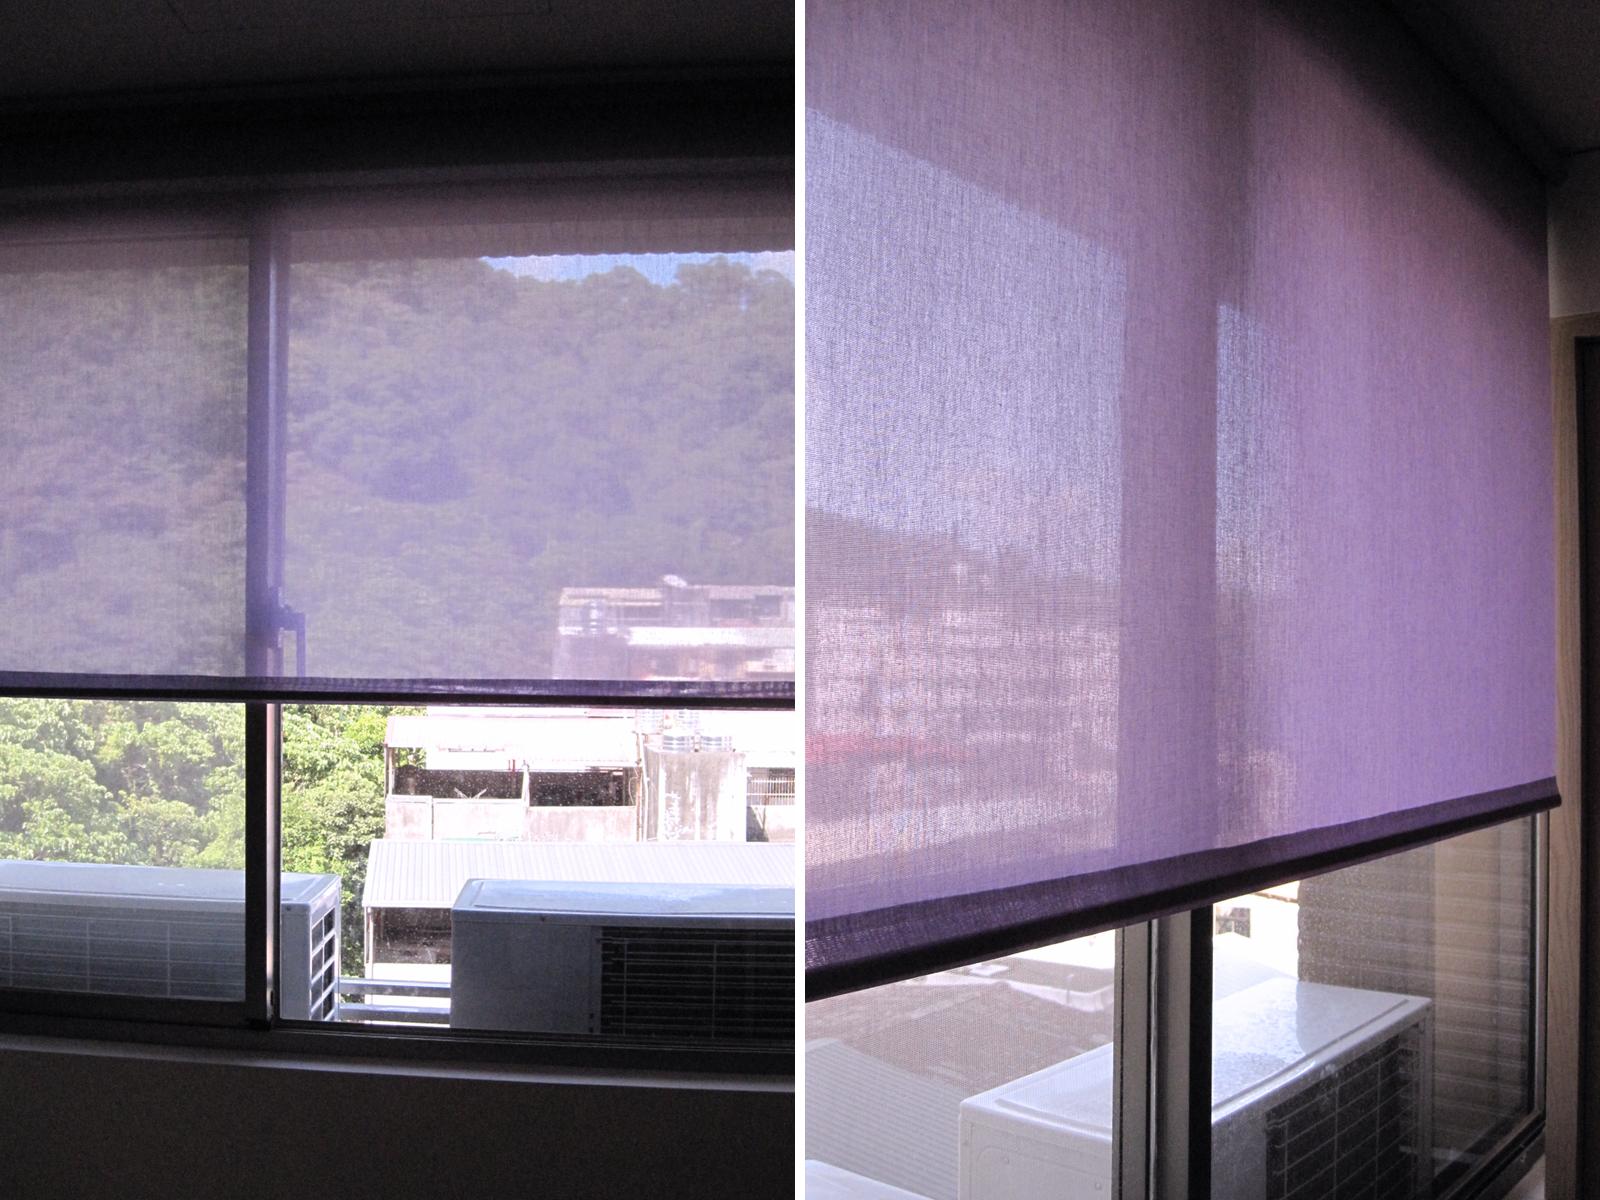 [案例] 溫馨小公寓的窗簾色彩遊戲-捲簾